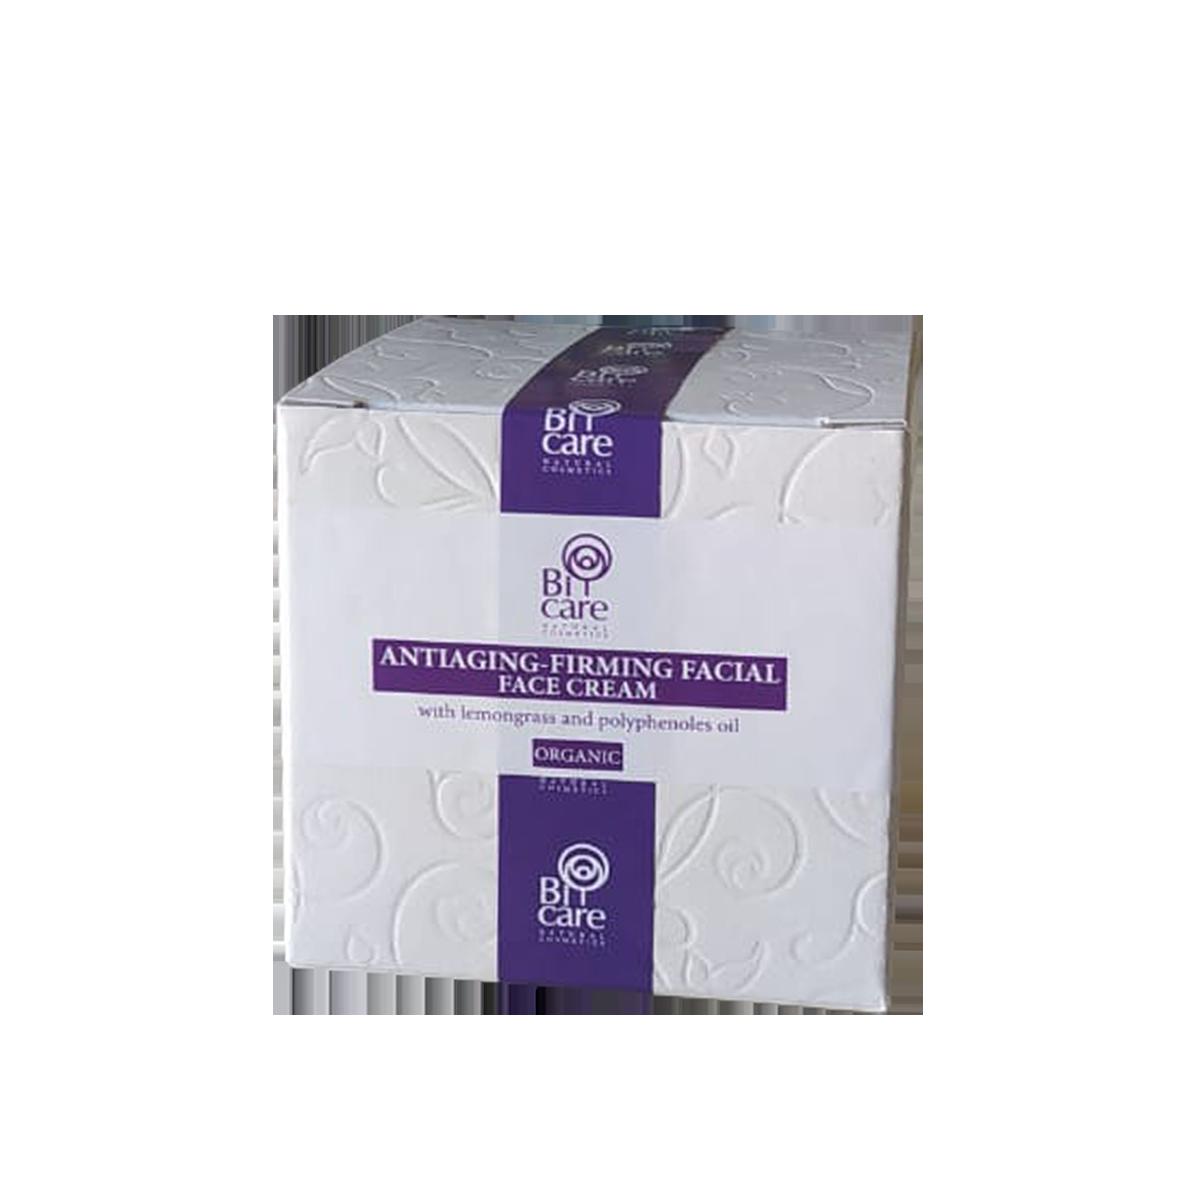 Αντιγηραντική κρέμα προσώπου | Με Μελισσόχορτο 50ml | BiCare